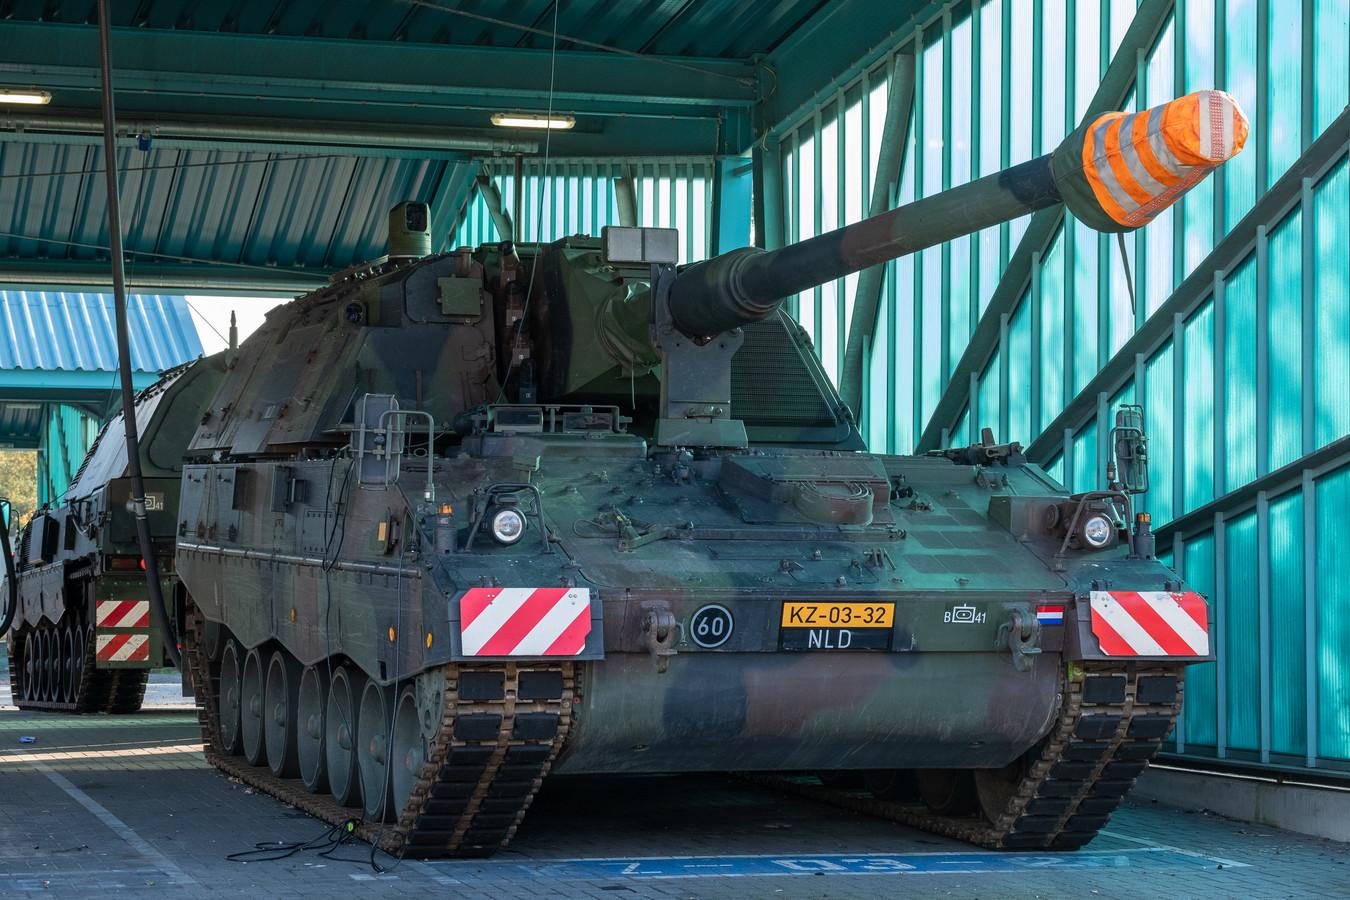 Het VuursteunCommando beschikte voorheen over achttien pantserhouwitsers. Omdat er weer extra geld naar de krijgsmacht gaat, komen er daar zes bij. Vier zijn inmiddels geleverd,